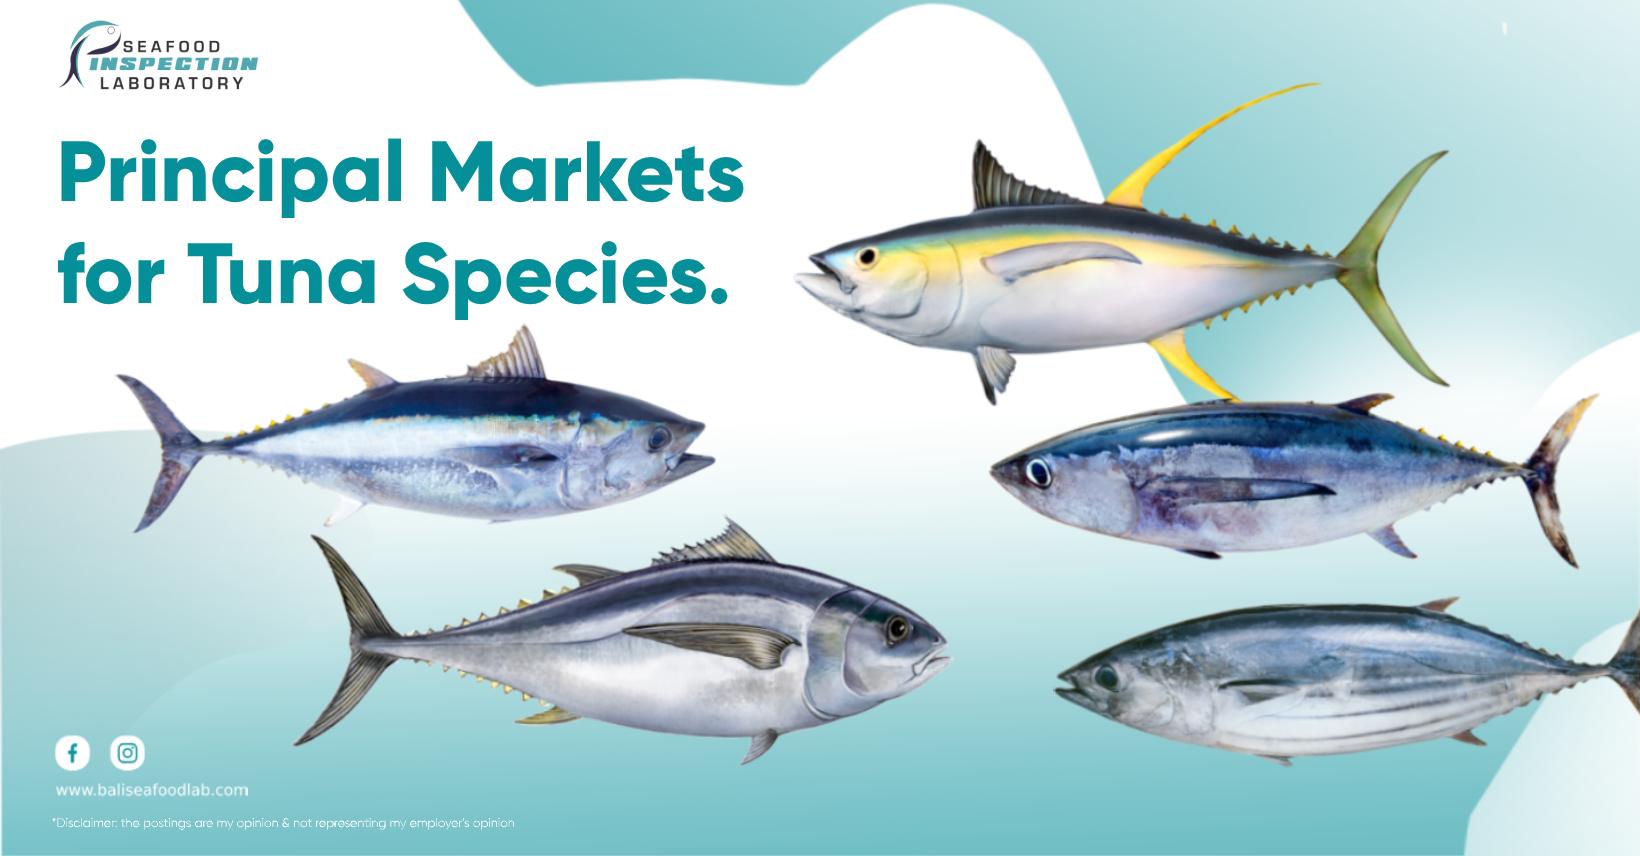 Tuna Species